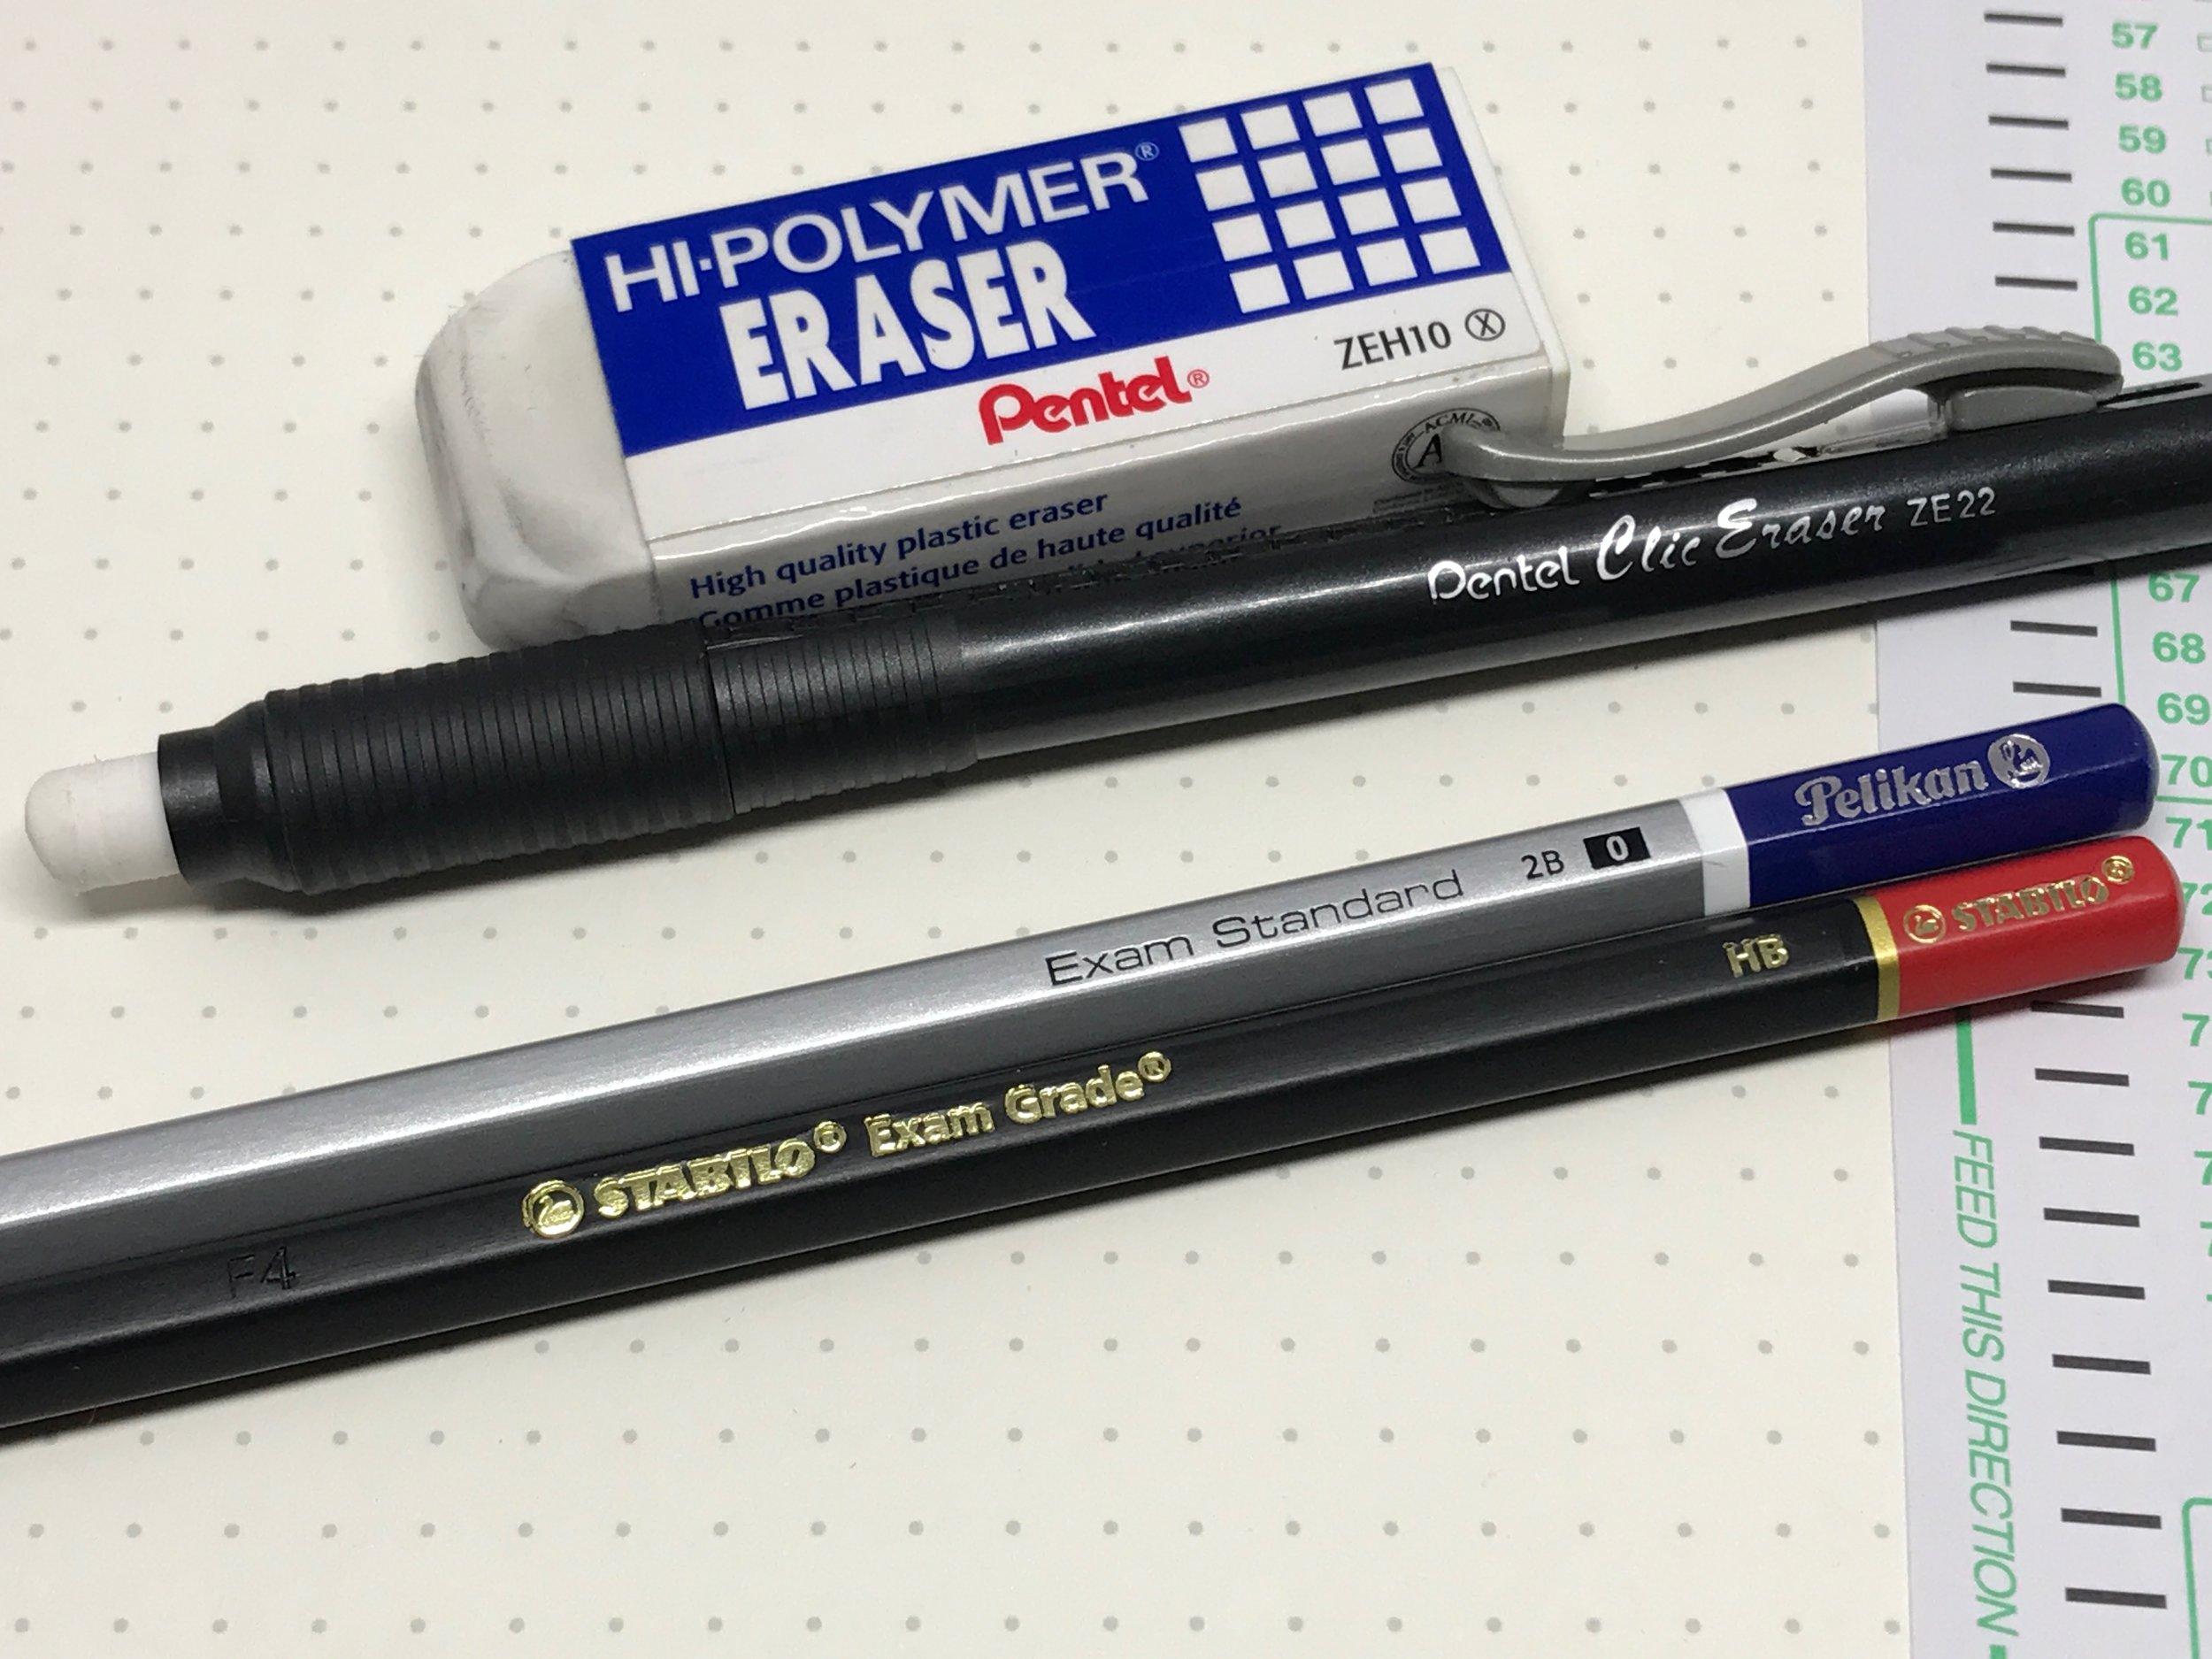 Pelikan-Exam-Standard-Pencil-4.jpg